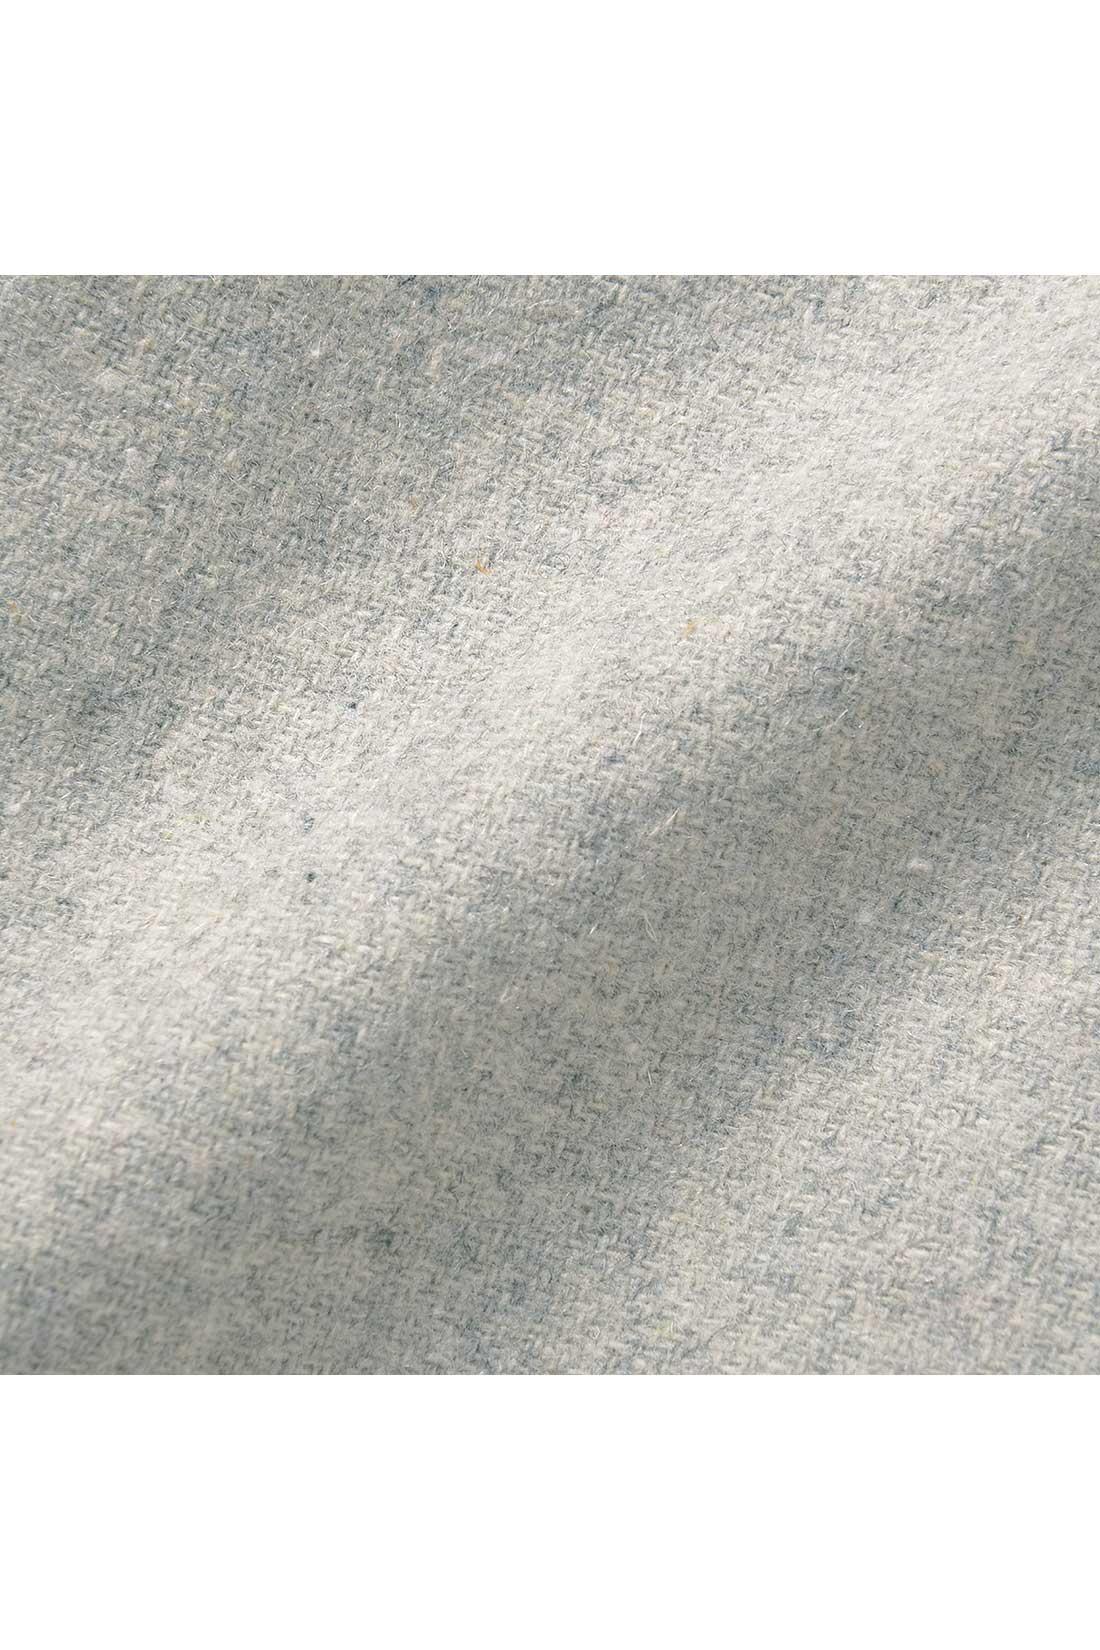 キメの整ったウール30%混の上質起毛素材で、暖かな風合いに。